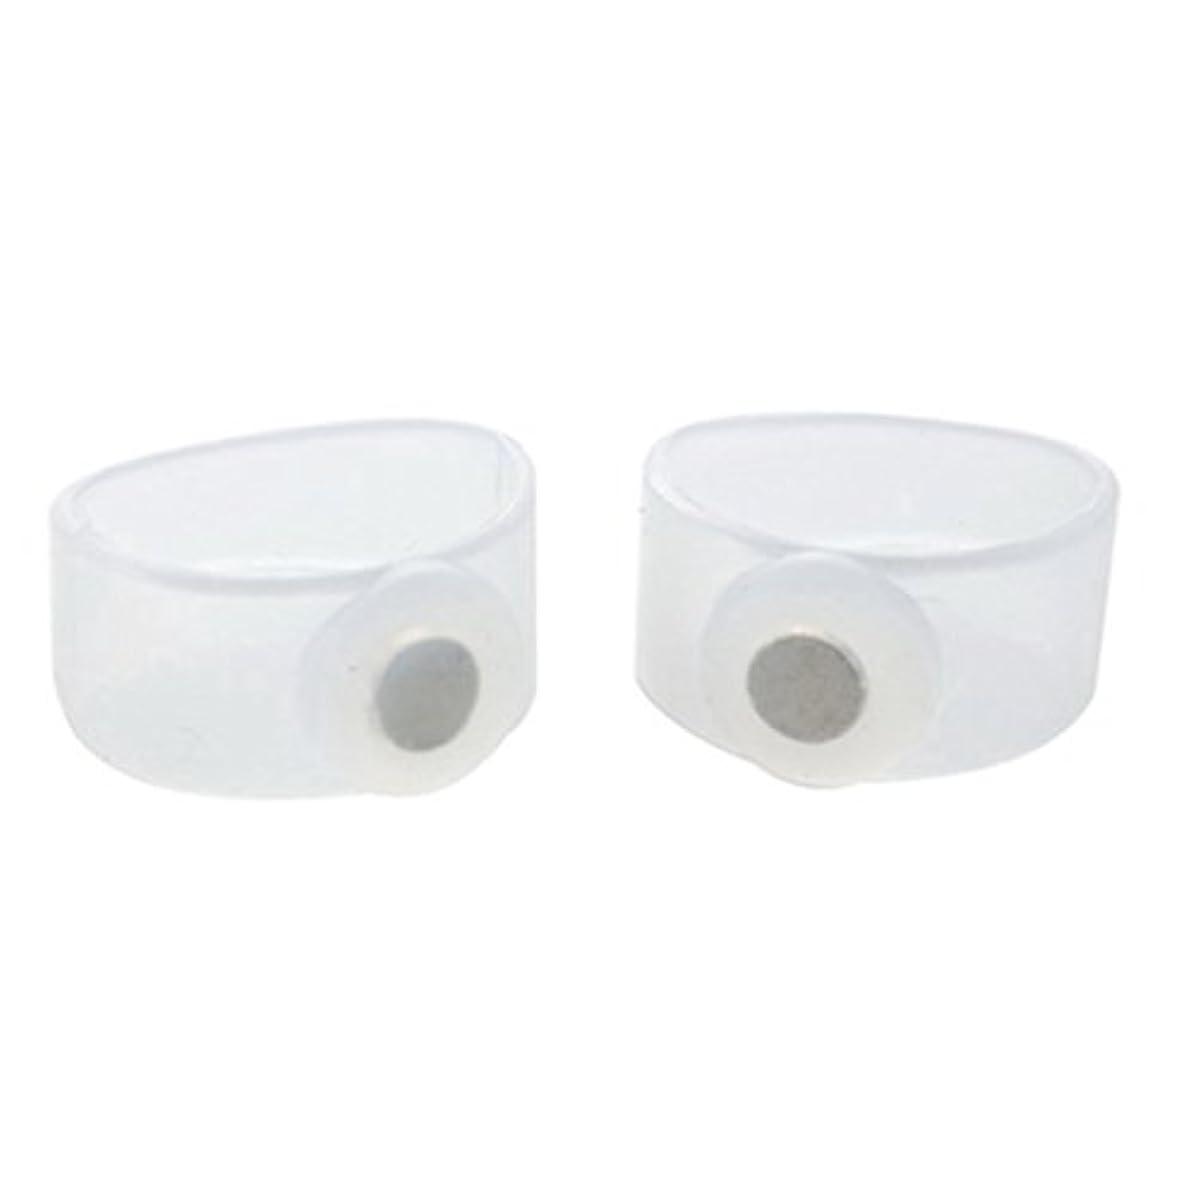 リングバック空気わかりやすい2ピース痩身シリコン磁気フットマッサージャーマッサージリラックスつま先リング用減量ヘルスケアツール美容製品 - 透明